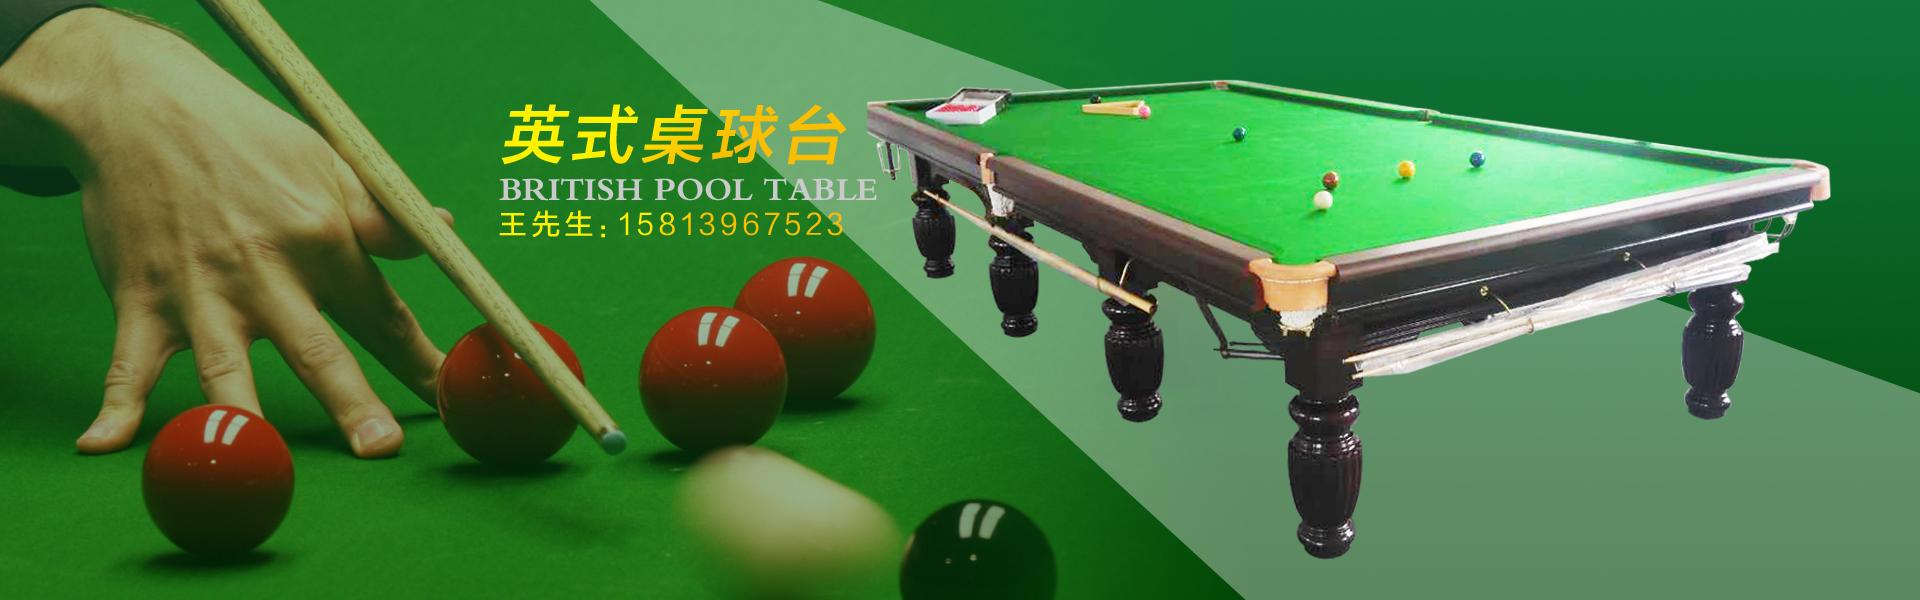 打台球的桌子叫台球桌,台球也叫桌球,并由专业的、标准的球桌做为比赛和娱乐的器材。一般的球桌都是6个洞,四角四个,中间两个。台球桌分为斯诺克球桌、美式落袋、九球桌、开伦球桌。其中斯诺克台球桌(英式台球桌)球台内沿长3569MM×1788MM(允许偏差+/-13MM),从地面到库边顶部高度为851MM-876MM。本产品为比赛用标准版,公司产品主要销往肇庆本地,四会,怀集,梧州,云浮等地区及城市。咨询电话:15813967523王先生